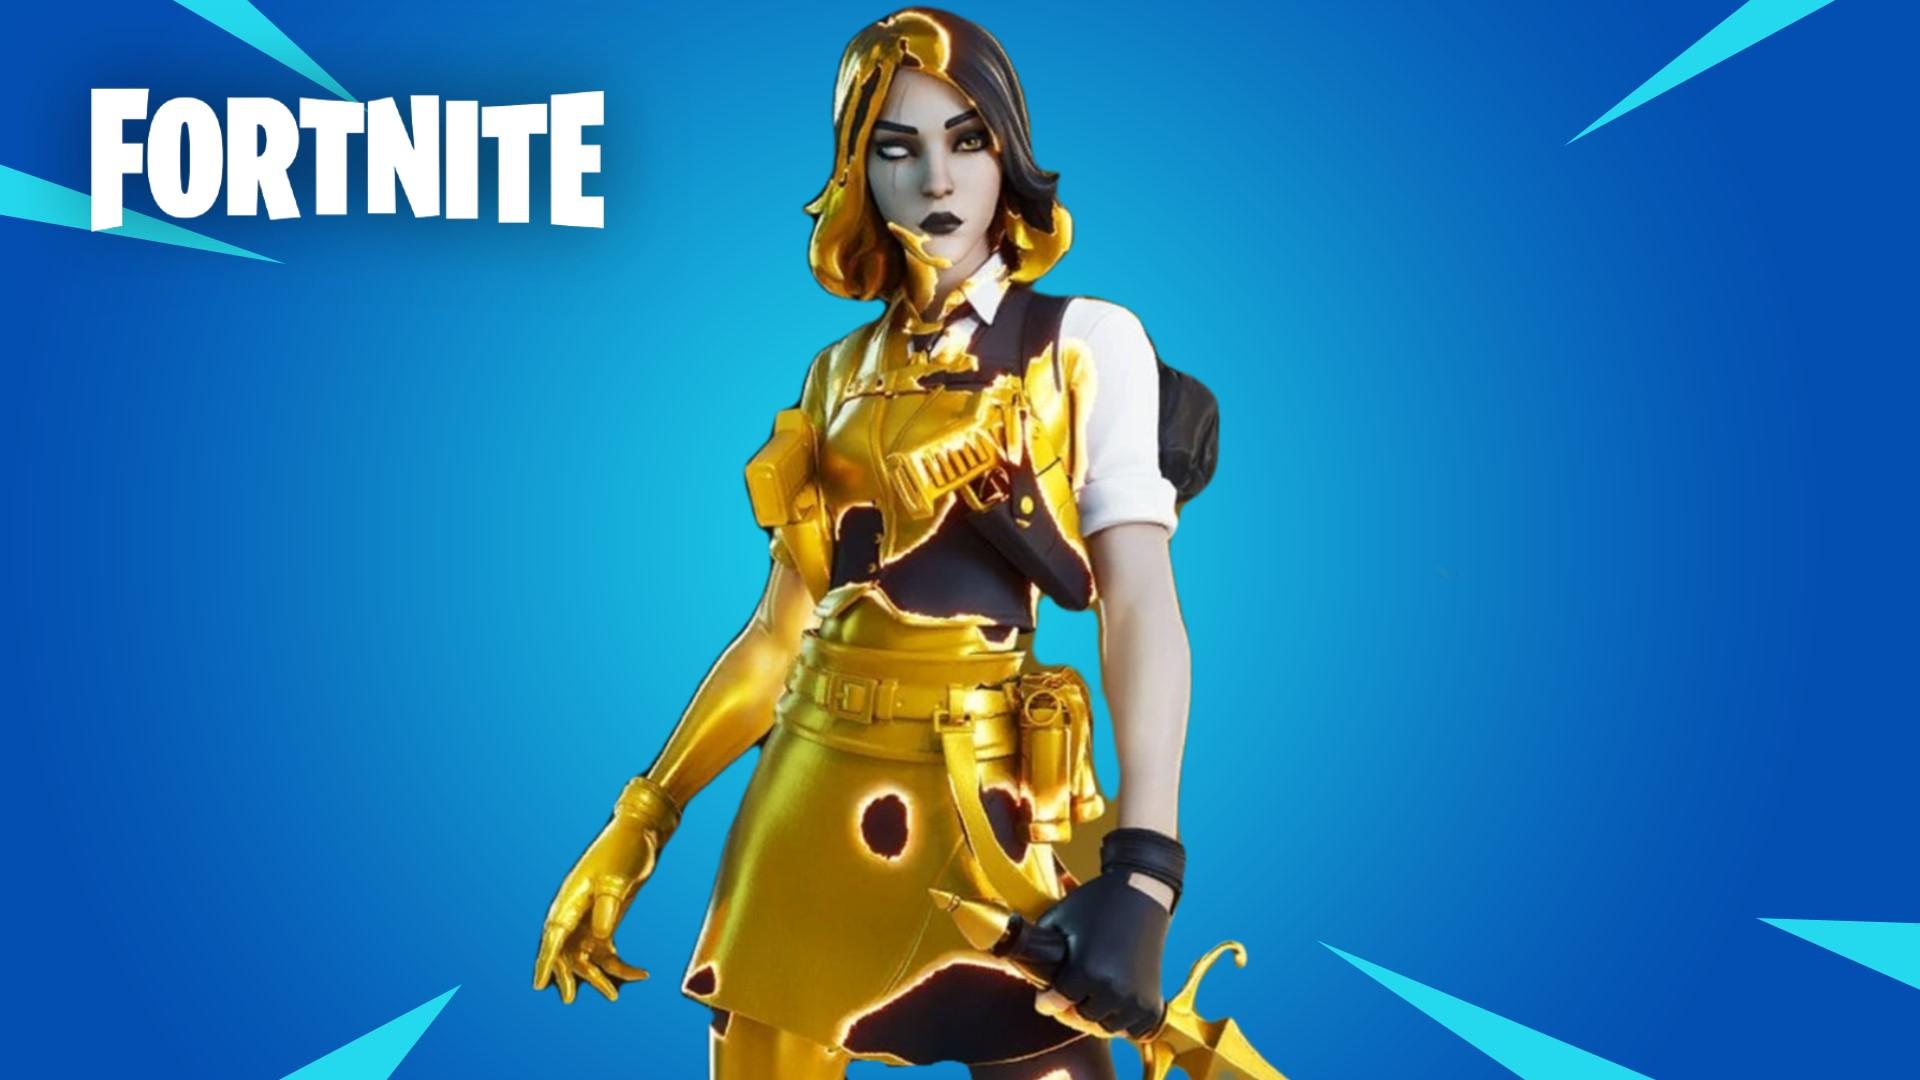 Fornite leaked skins